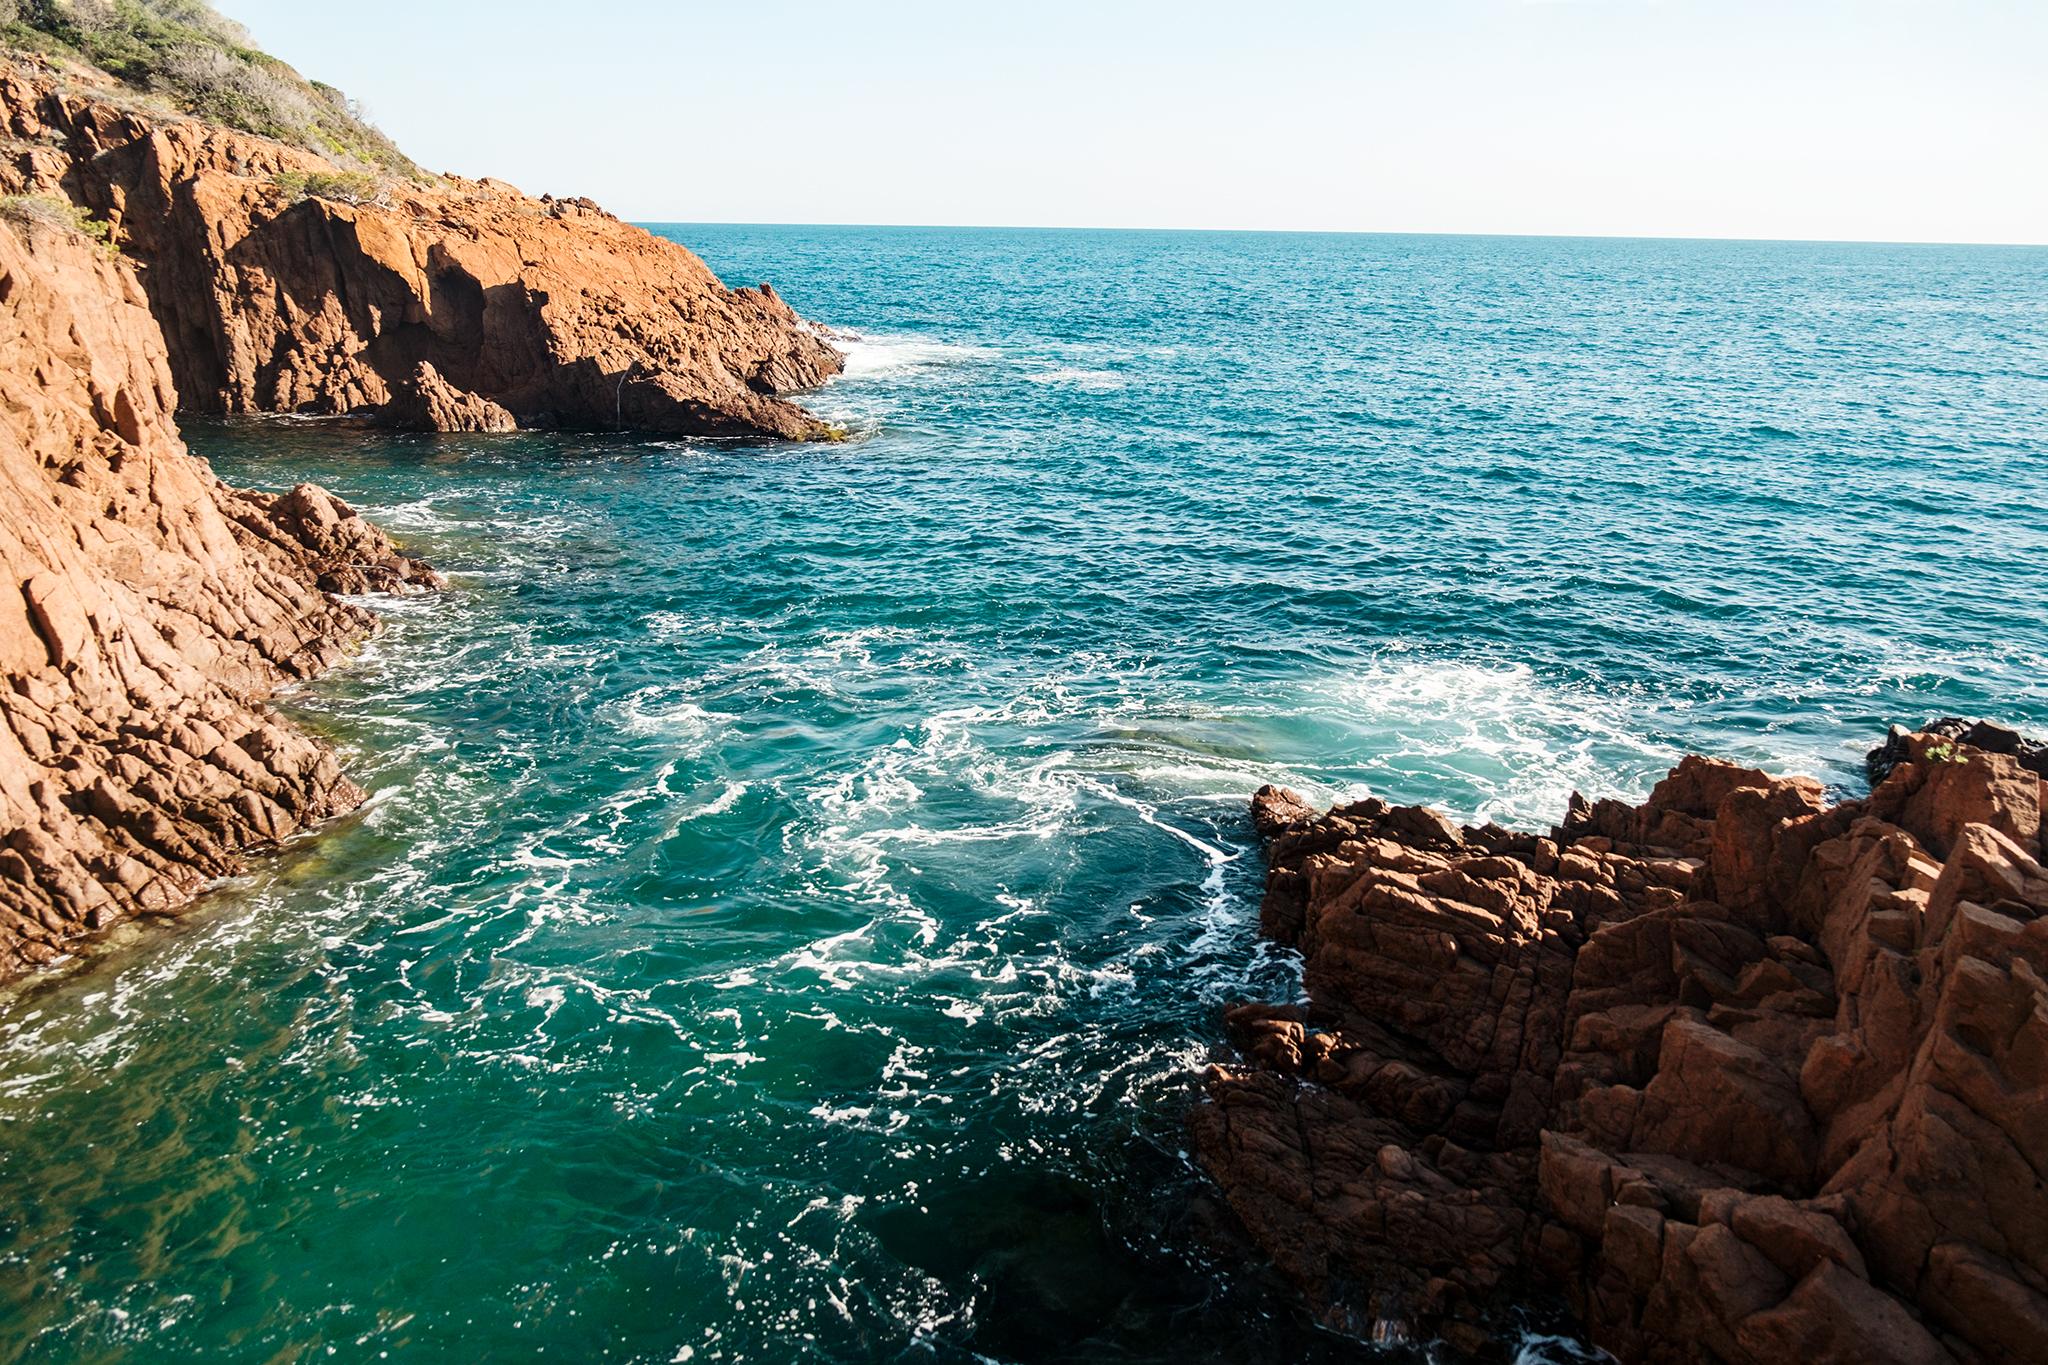 die Bucht der Calanque St. Barthélémy